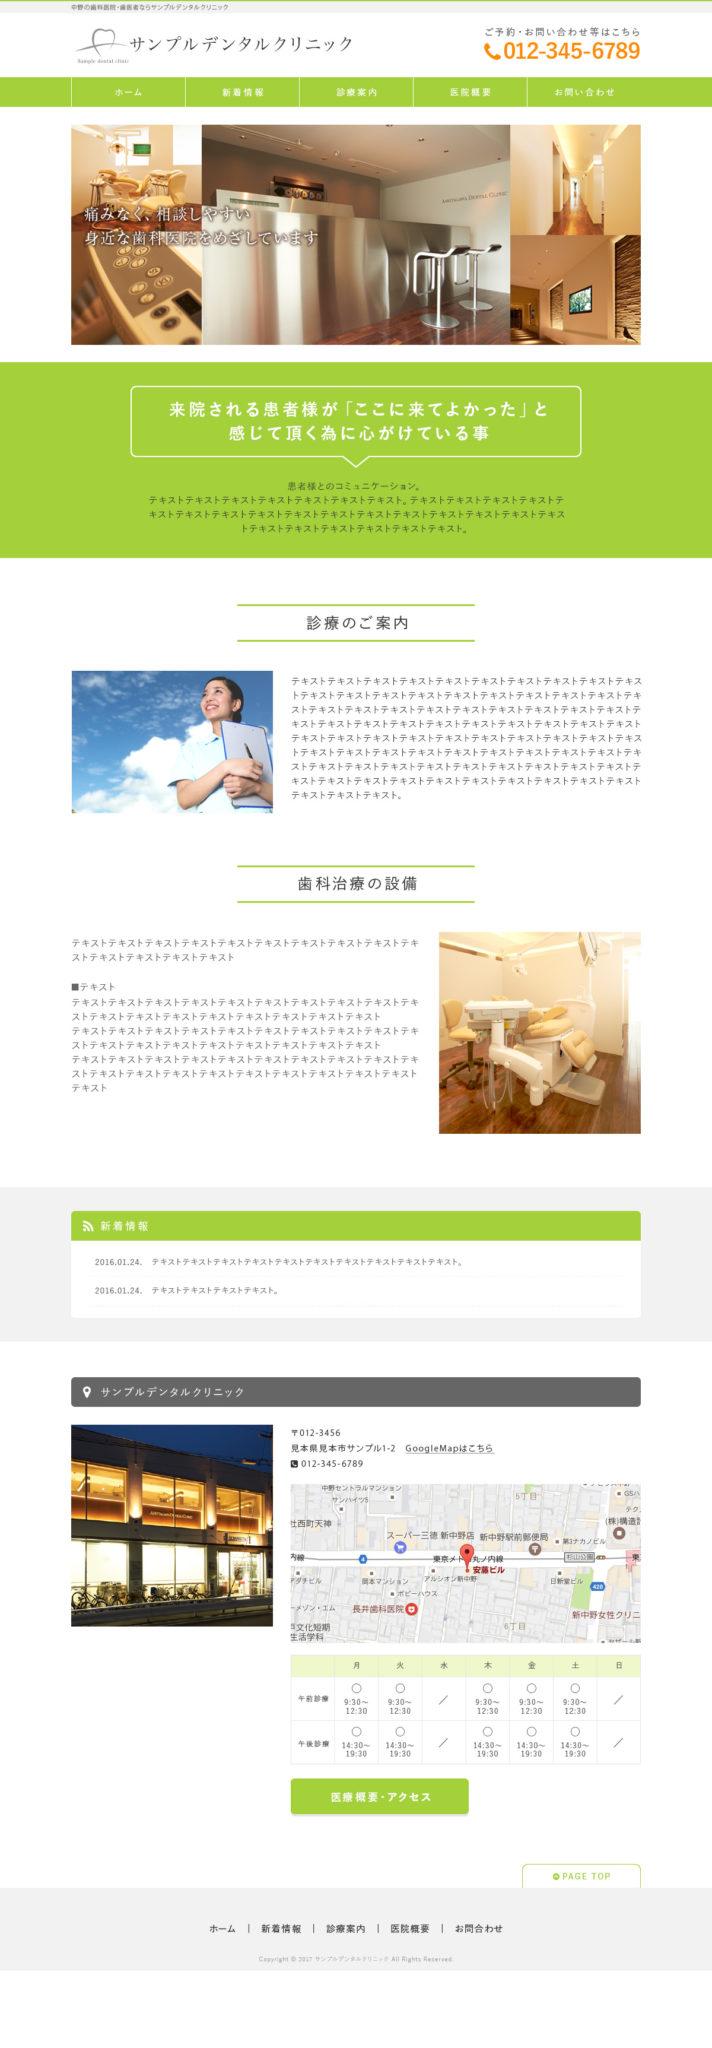 デザインテンプレート No.1402